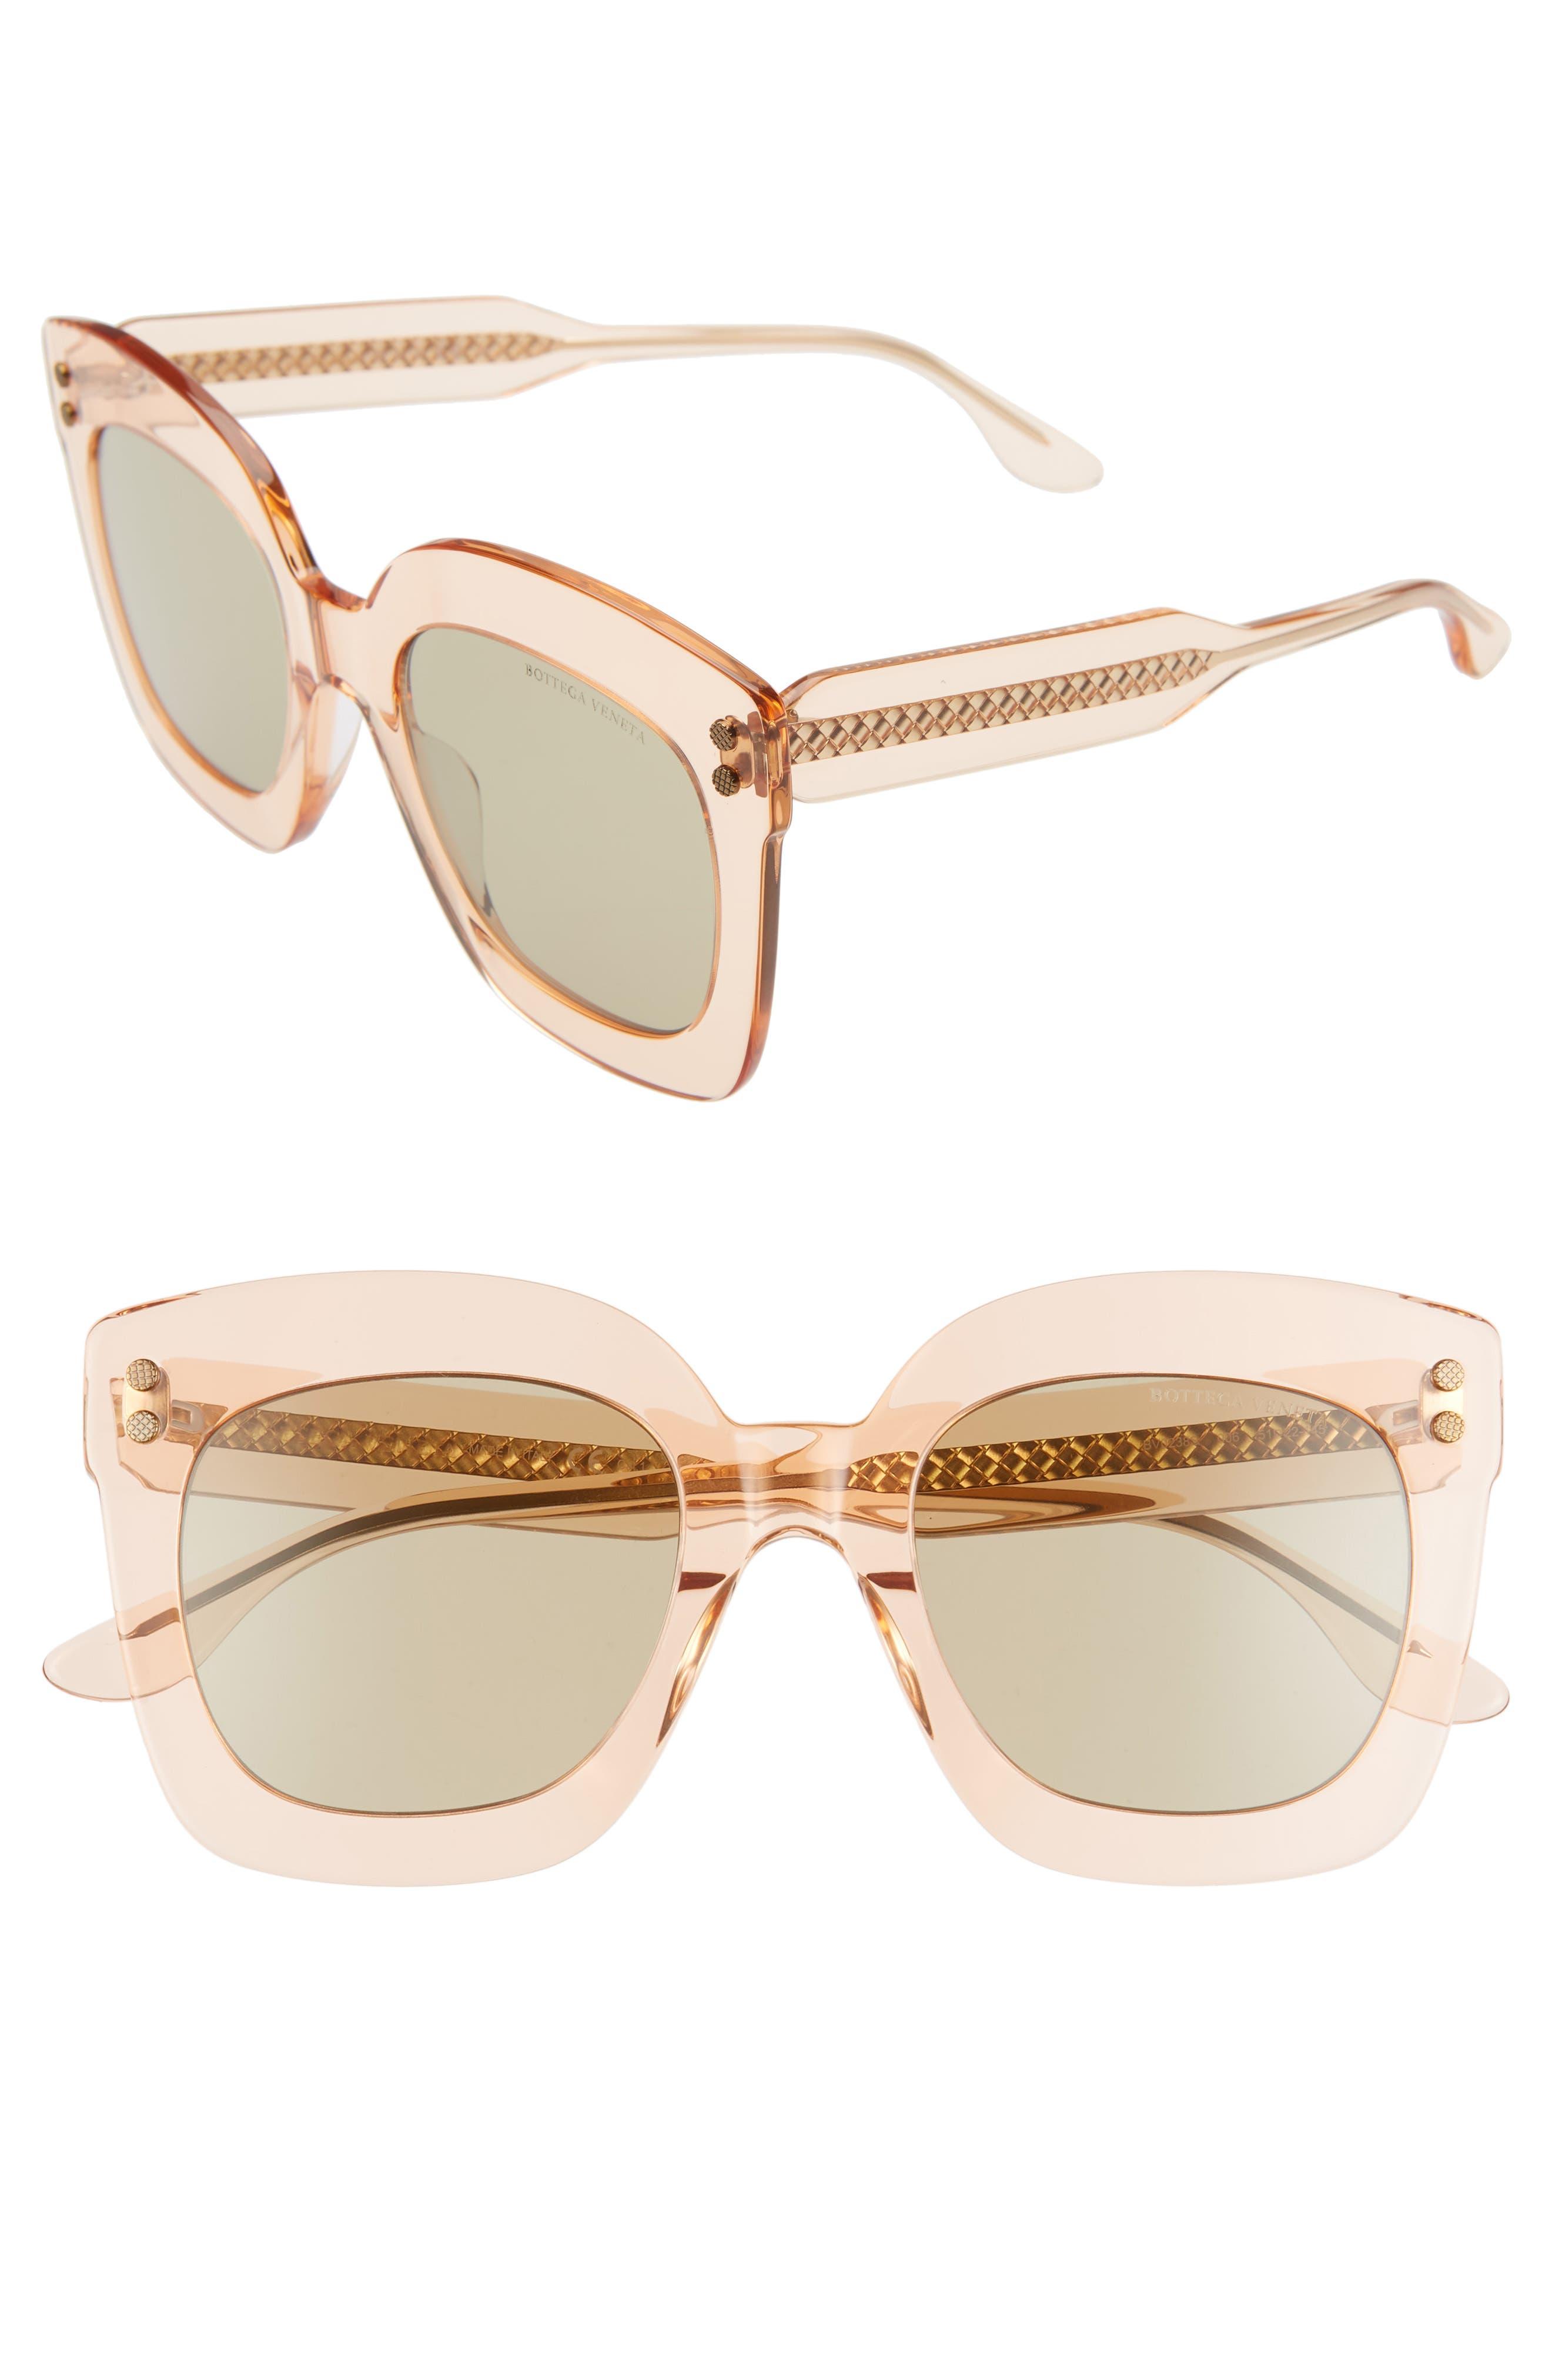 Bottega Veneta 51Mm Gradient Square Sunglasses -